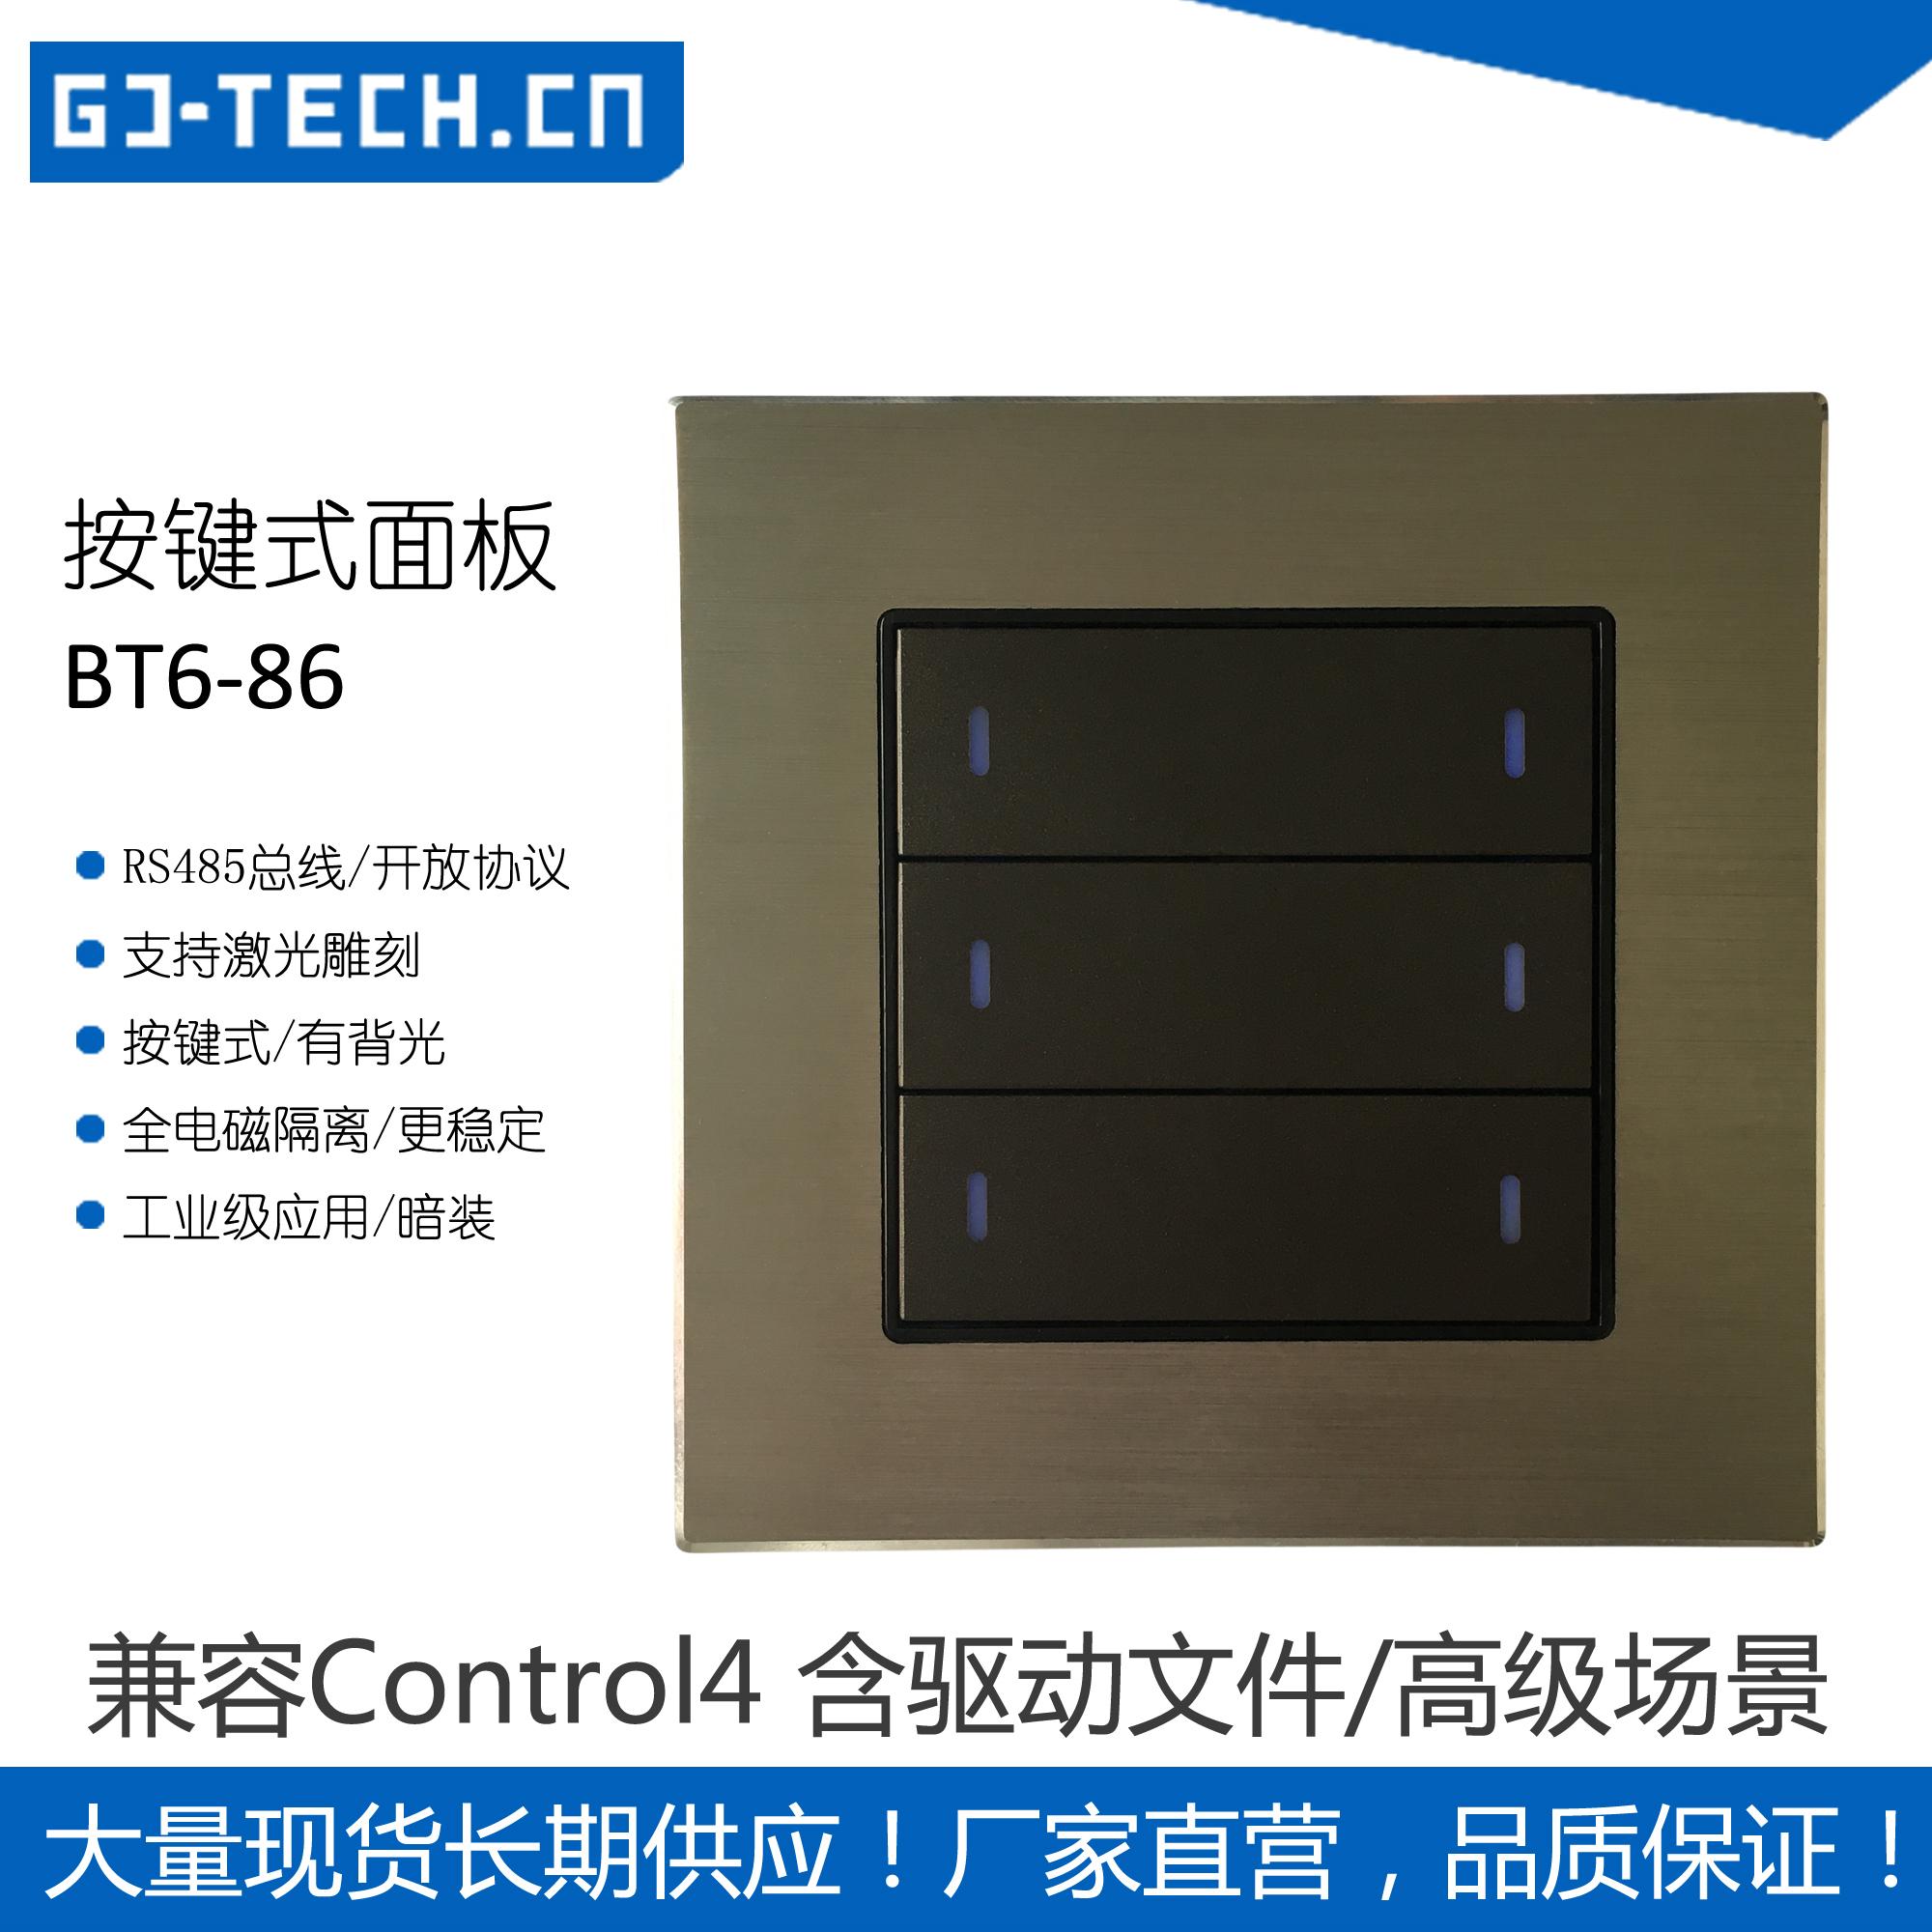 Совместимый Control4 6 связь кнопка панель 86 переключатель панель RS485 новый серебряный цвет бесплатная доставка